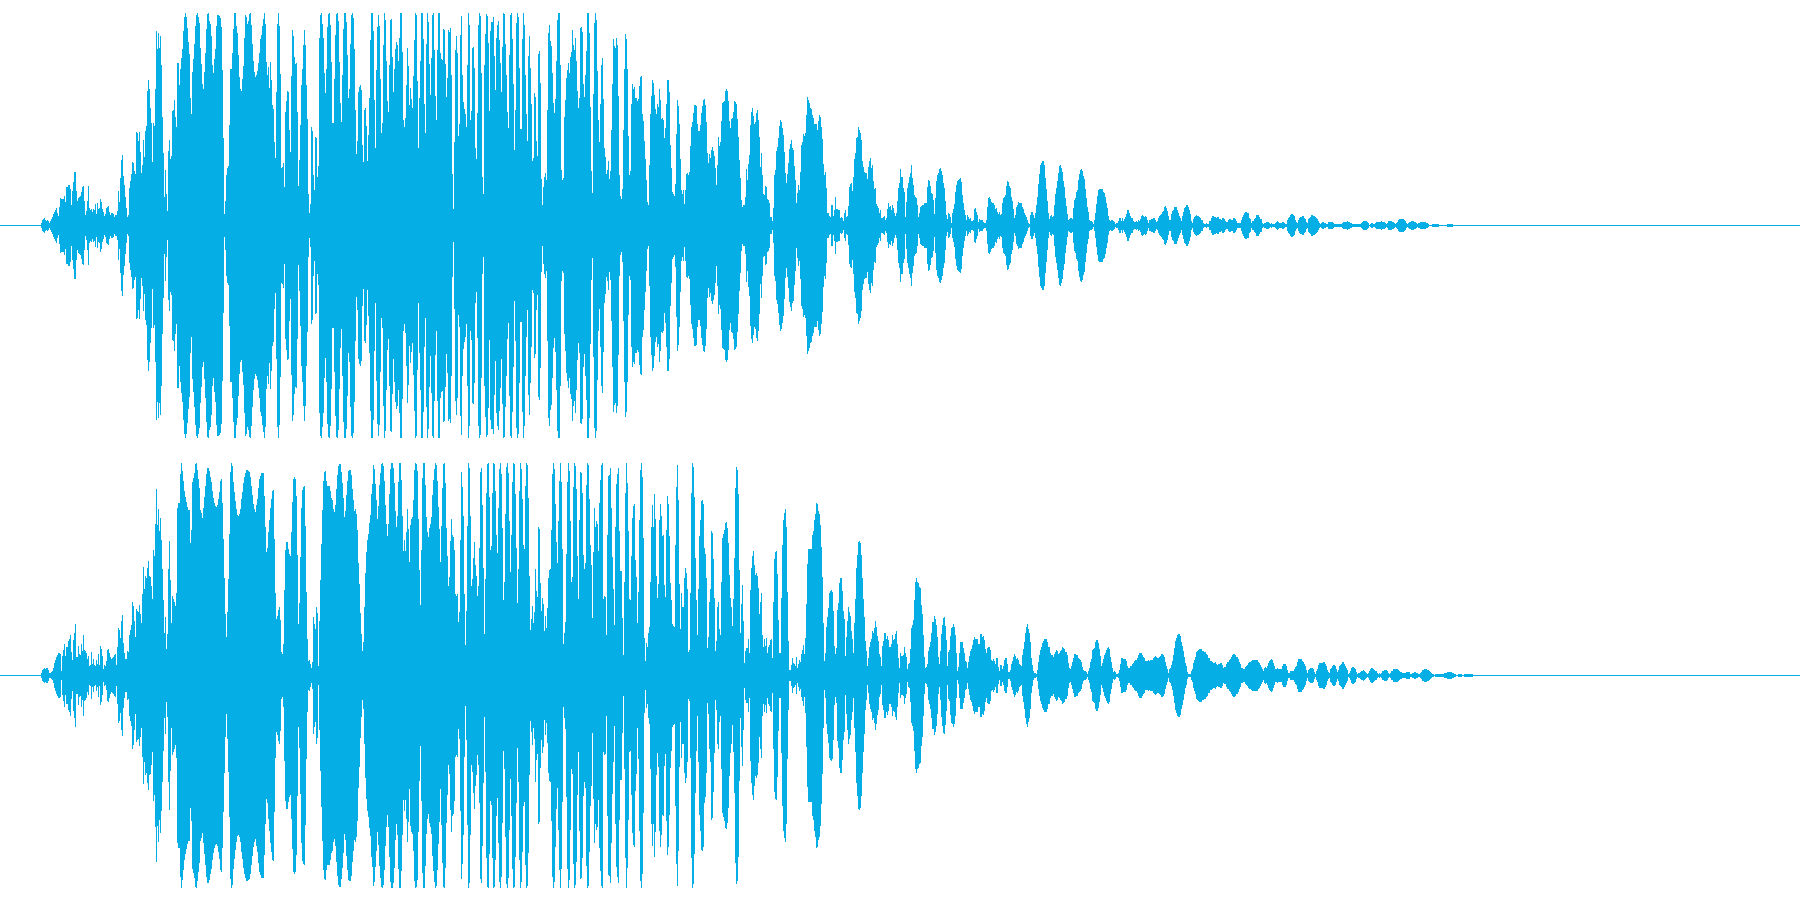 ボコッ (強めの打撃音)の再生済みの波形